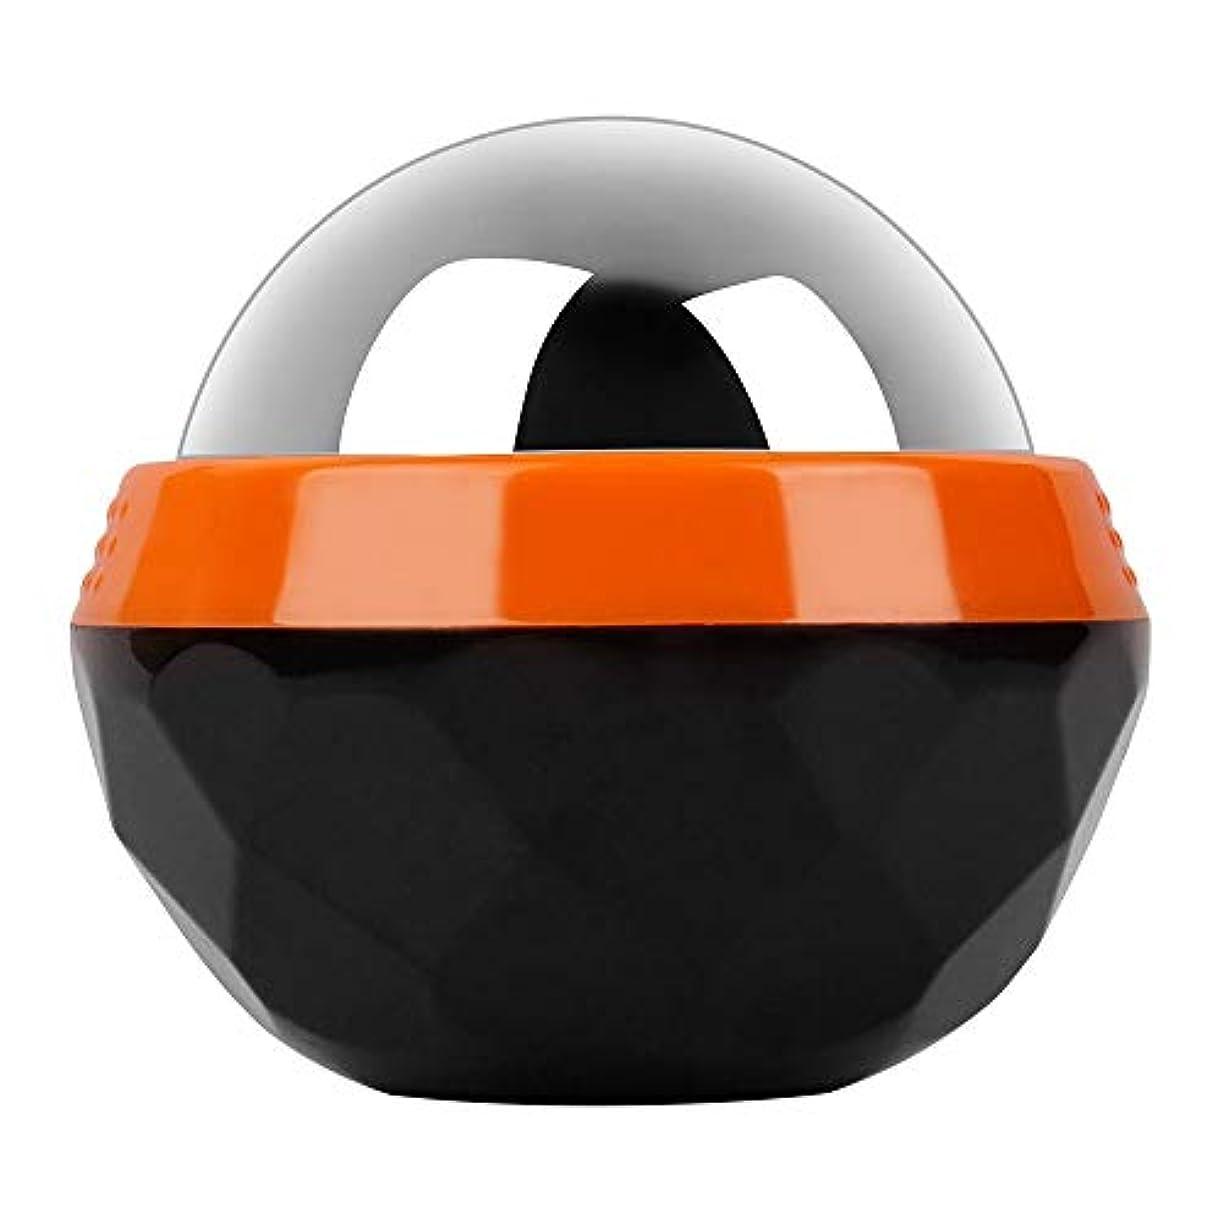 タックイヤホン紀元前GeTooコールドマッサージローラーボール-2.4インチの氷球は6時間冷たさを持続、アイスセラピーディープティッシュマッサージ、オレンジとブラック